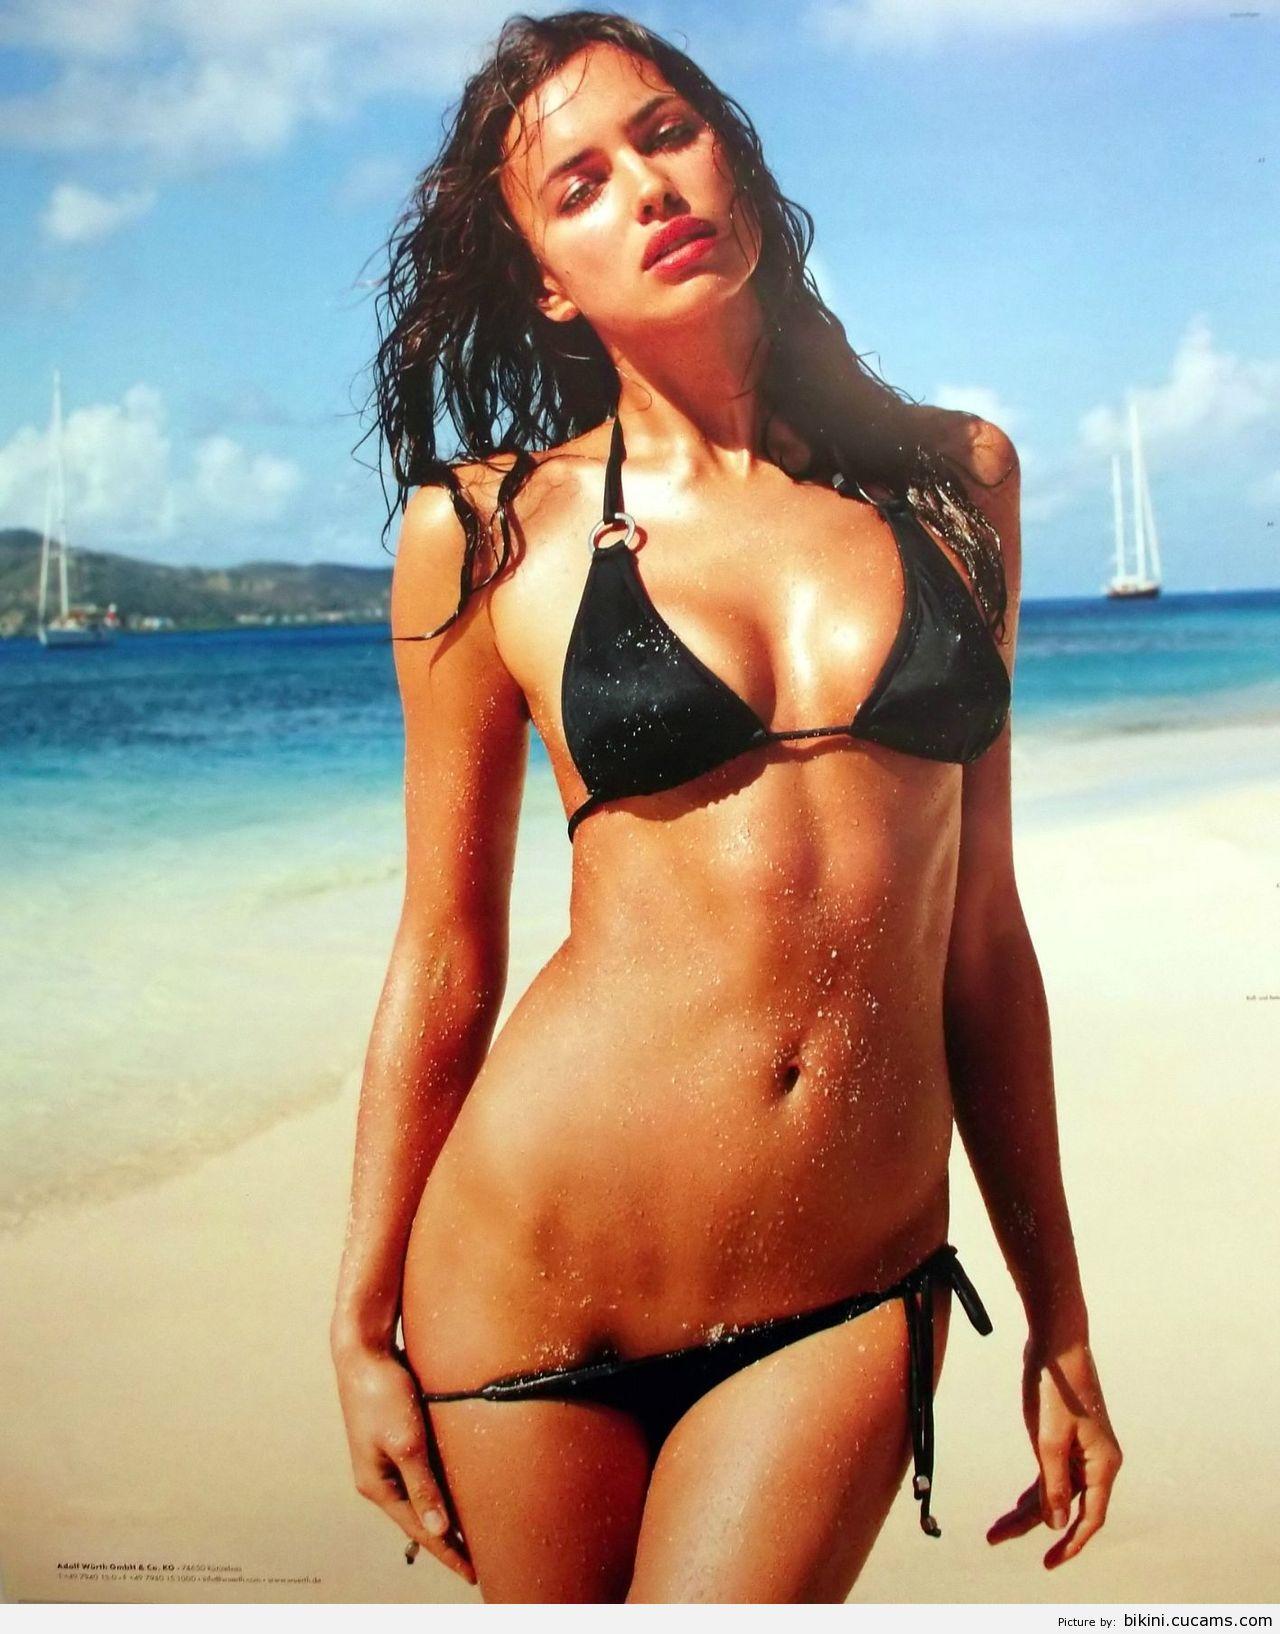 Bikini Wax Buttplug by bikini.cucams.com